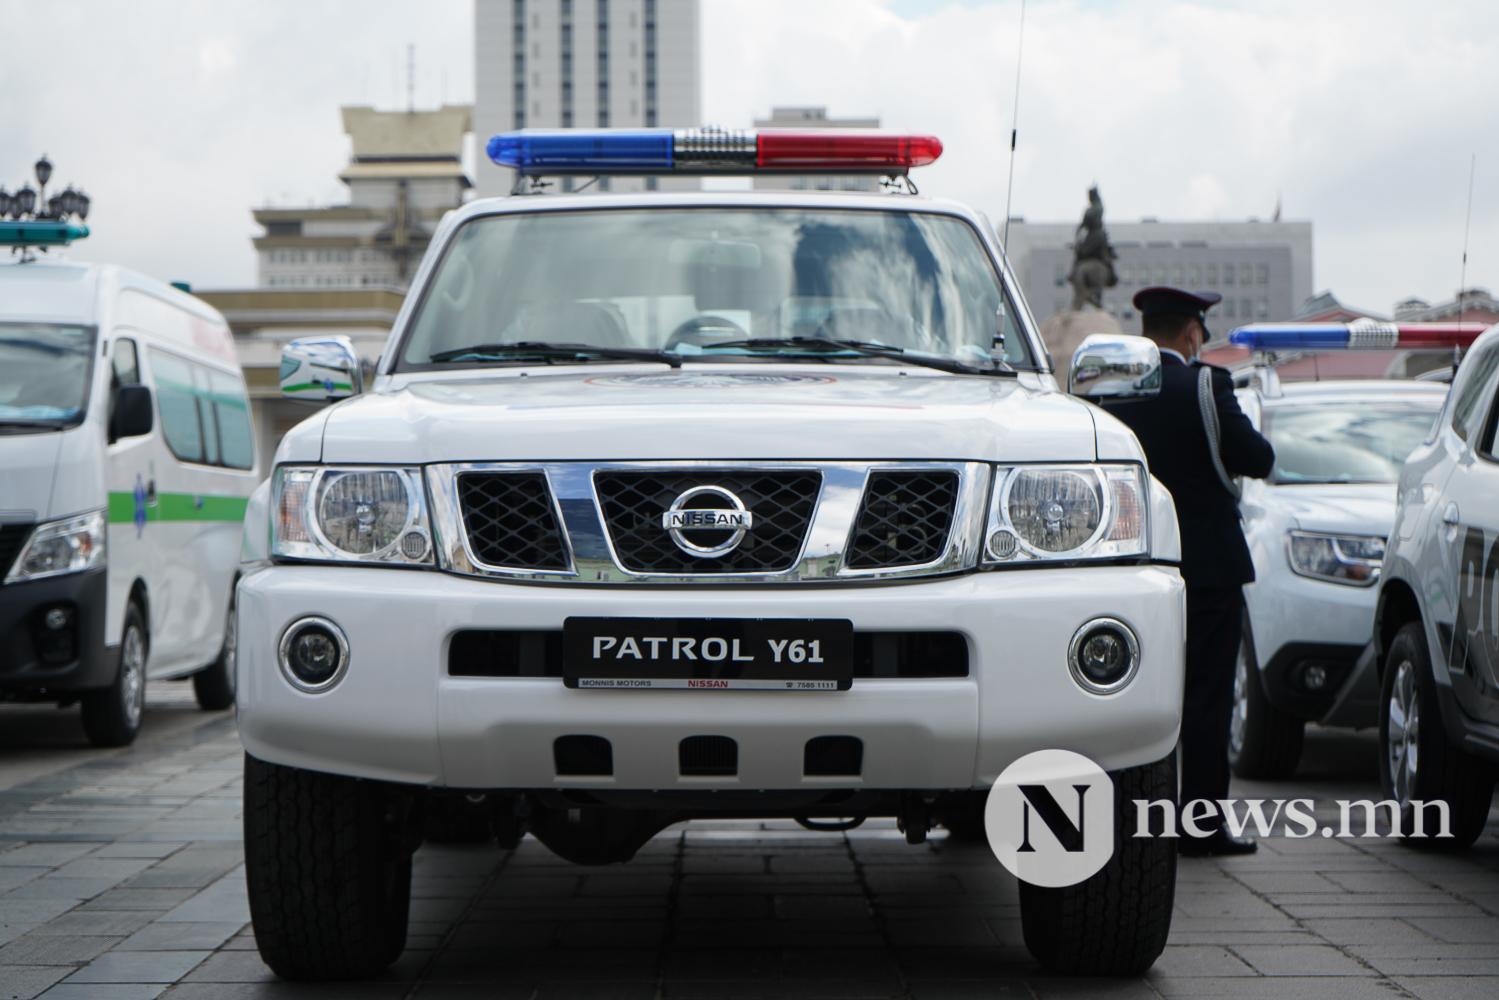 Нийслэлийн эрүүл мэнд, цагдаагийн байгууллагад 92 автомашин гардуулж байна (6 of 45)